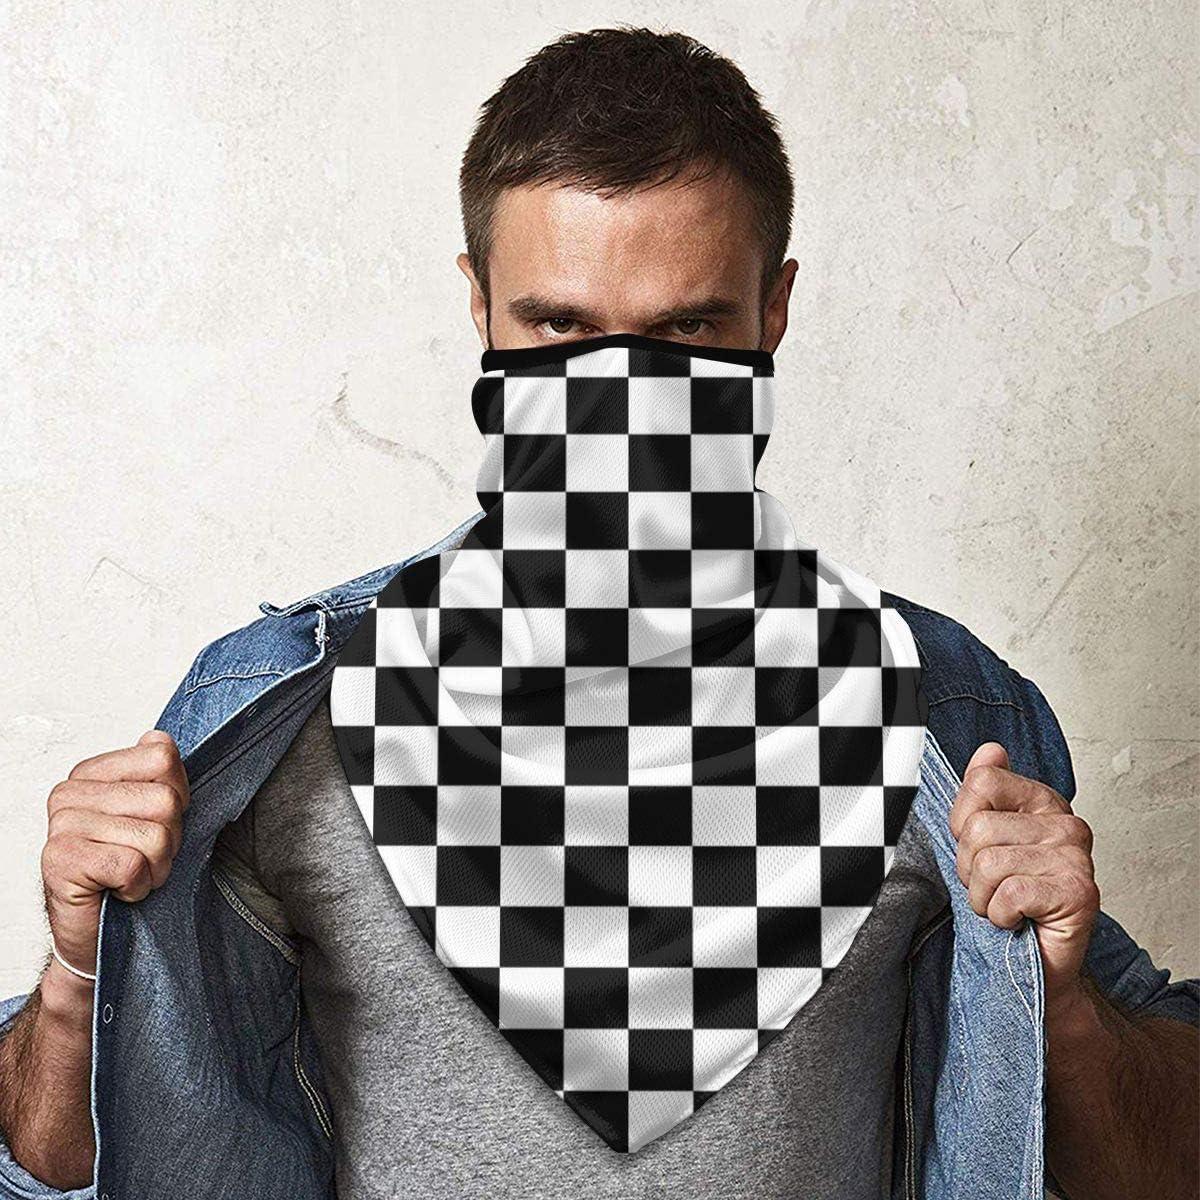 unisex tama/ño talla /única dise/ño de cuadros color negro color blanco y negro Nonebrand color blanco y negro Polainas para el cuello